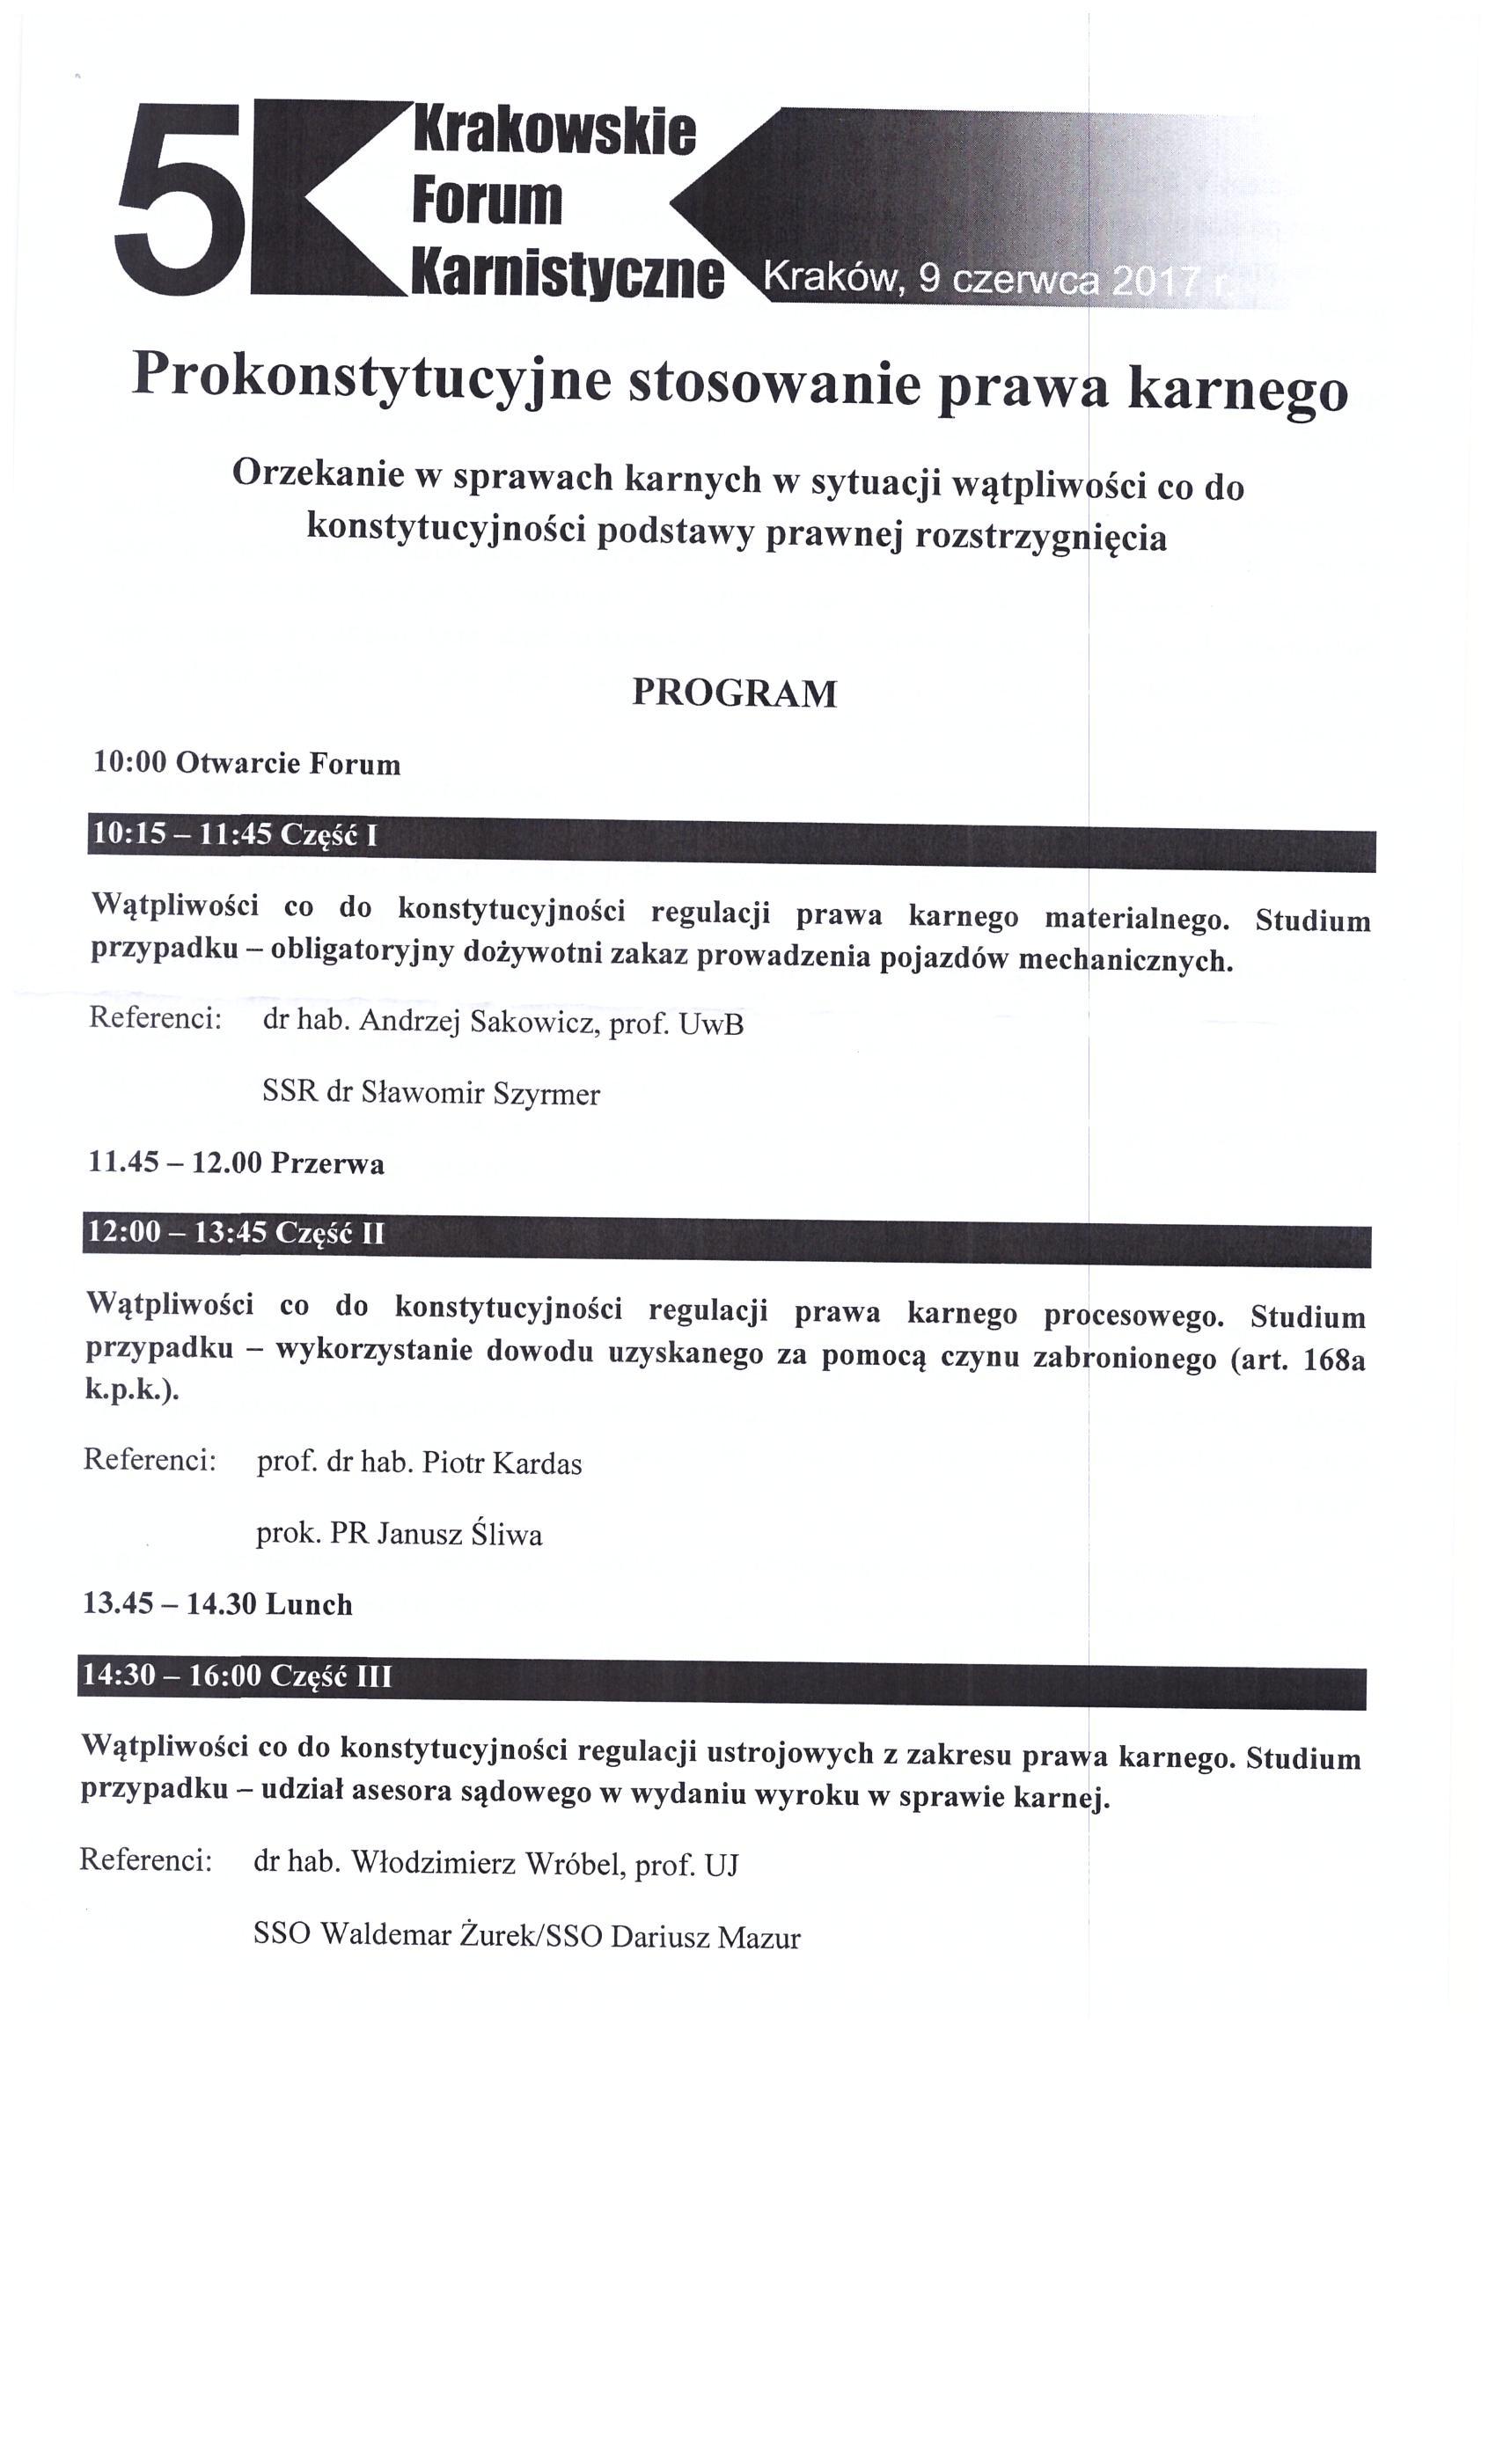 zaproszenie na kongres karnistyczny 002